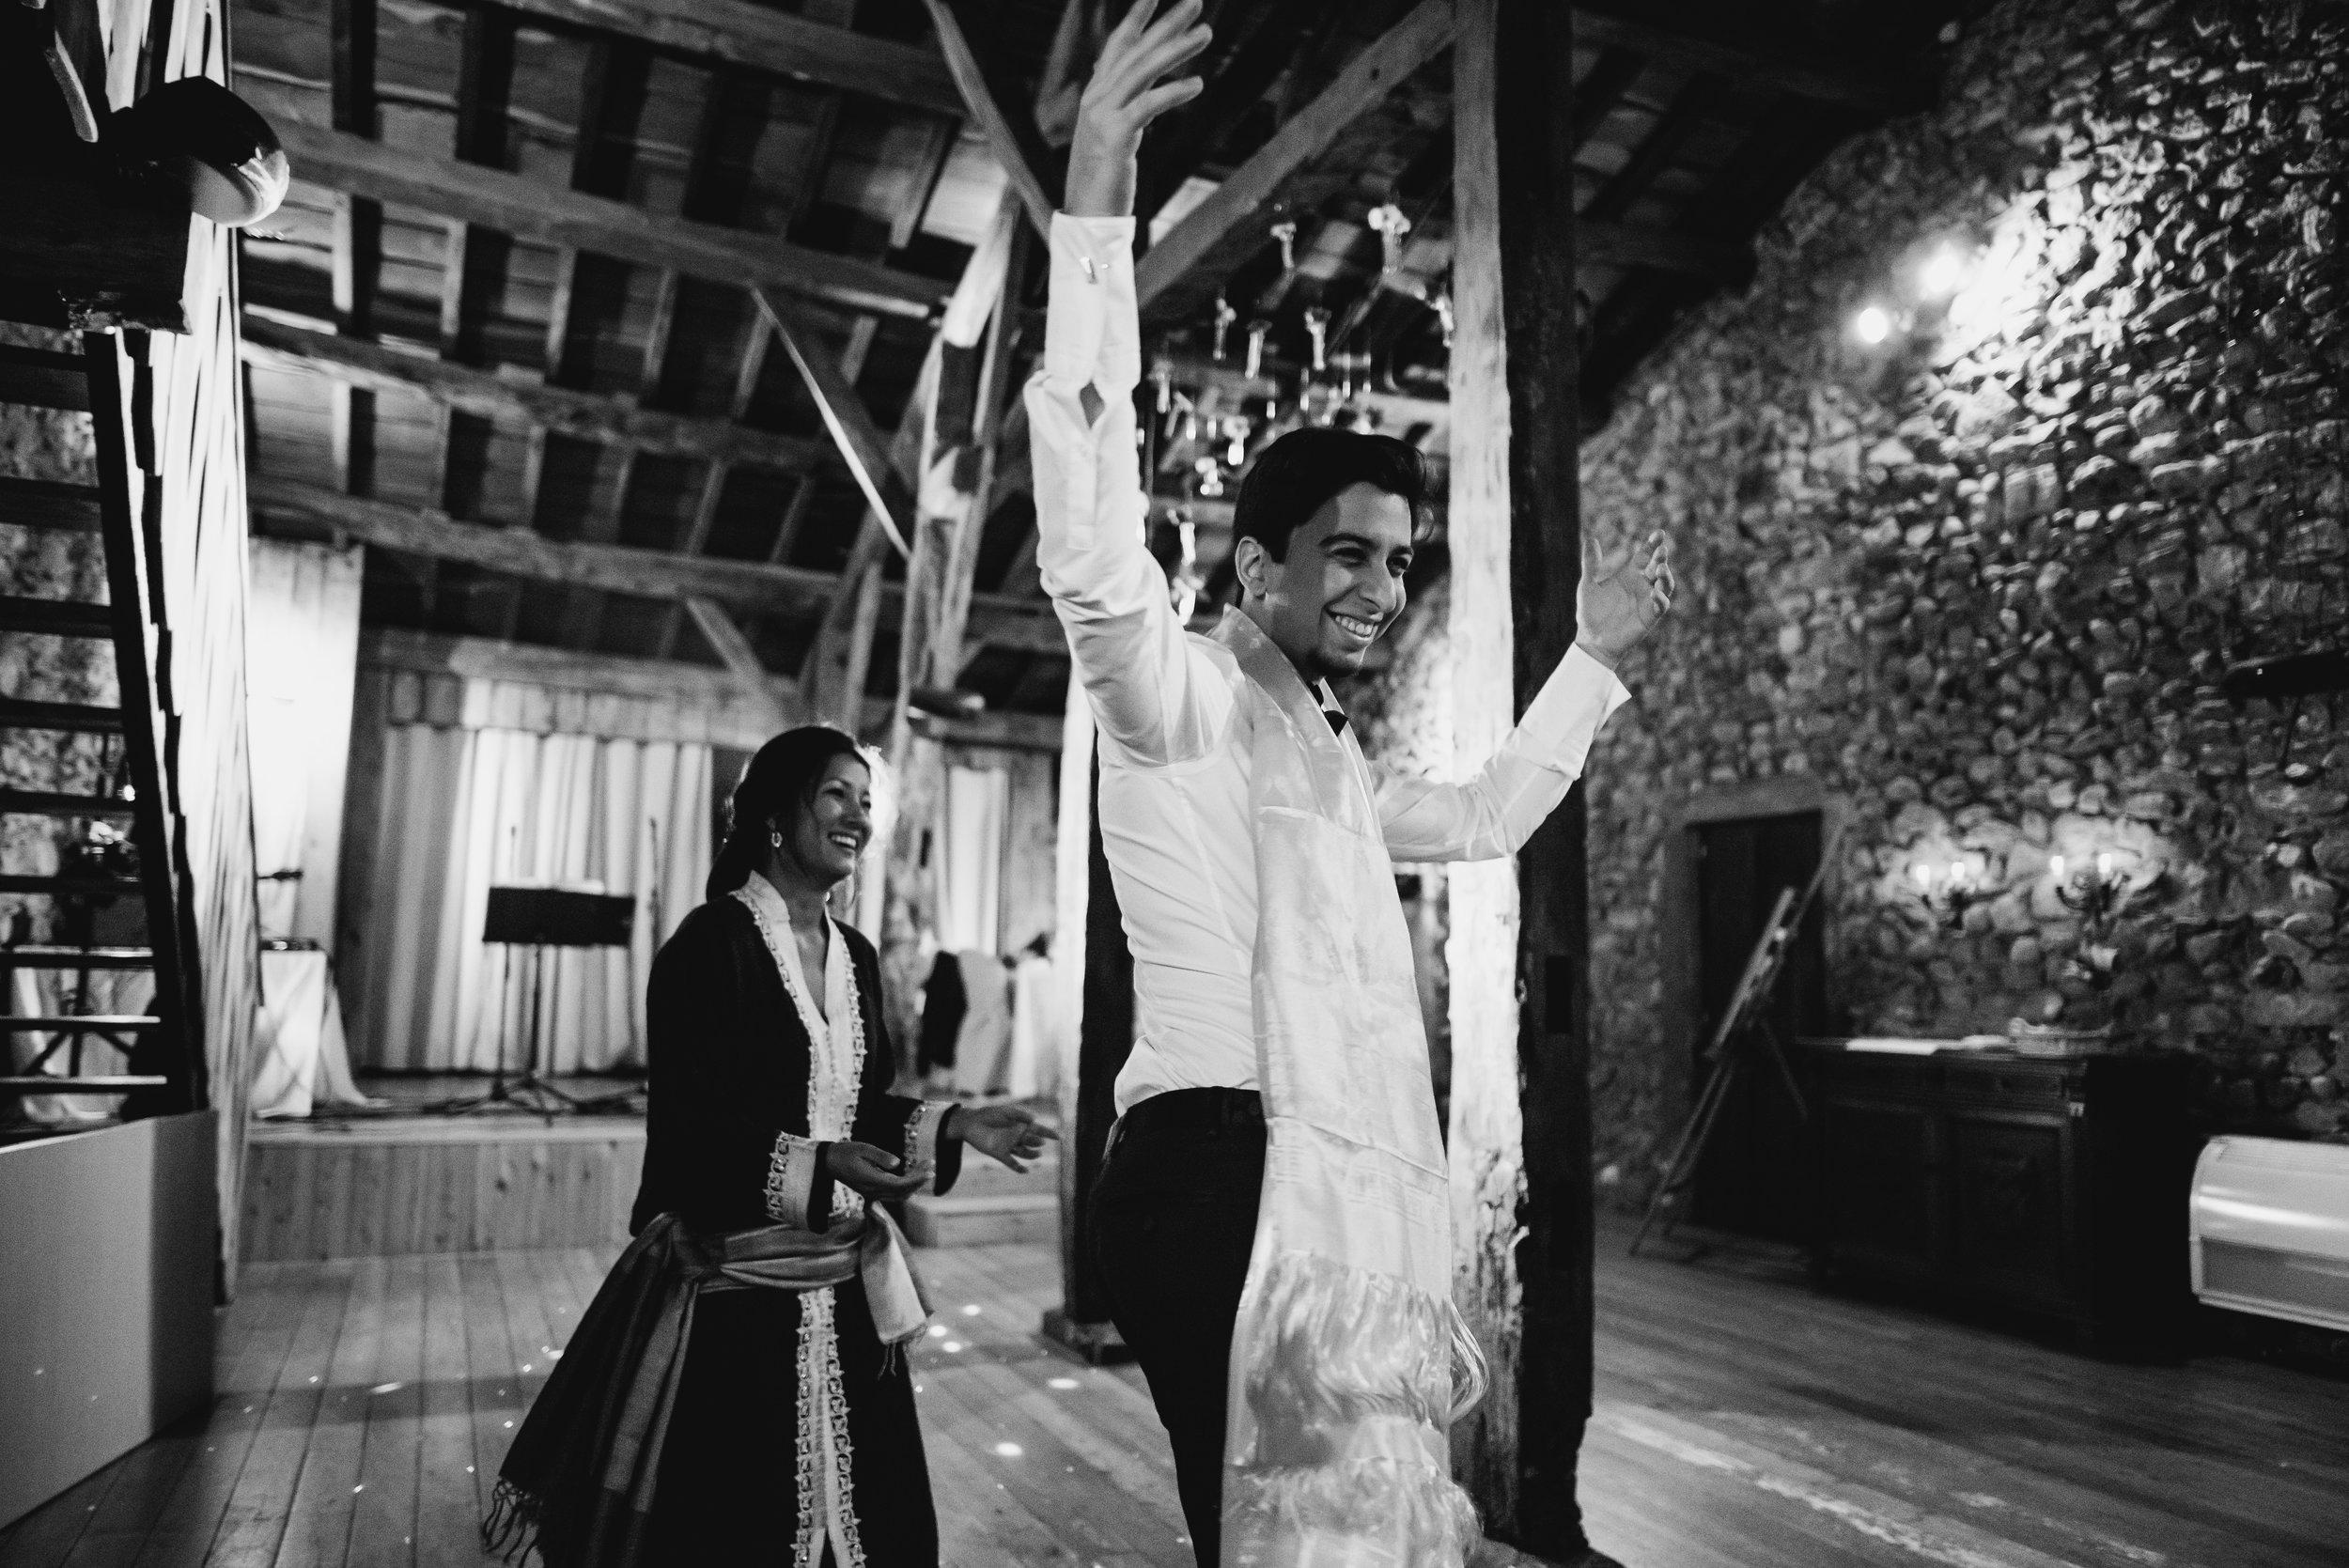 Léa-Fery-photographe-professionnel-lyon-rhone-alpes-portrait-creation-mariage-evenement-evenementiel-famille-7621.jpg